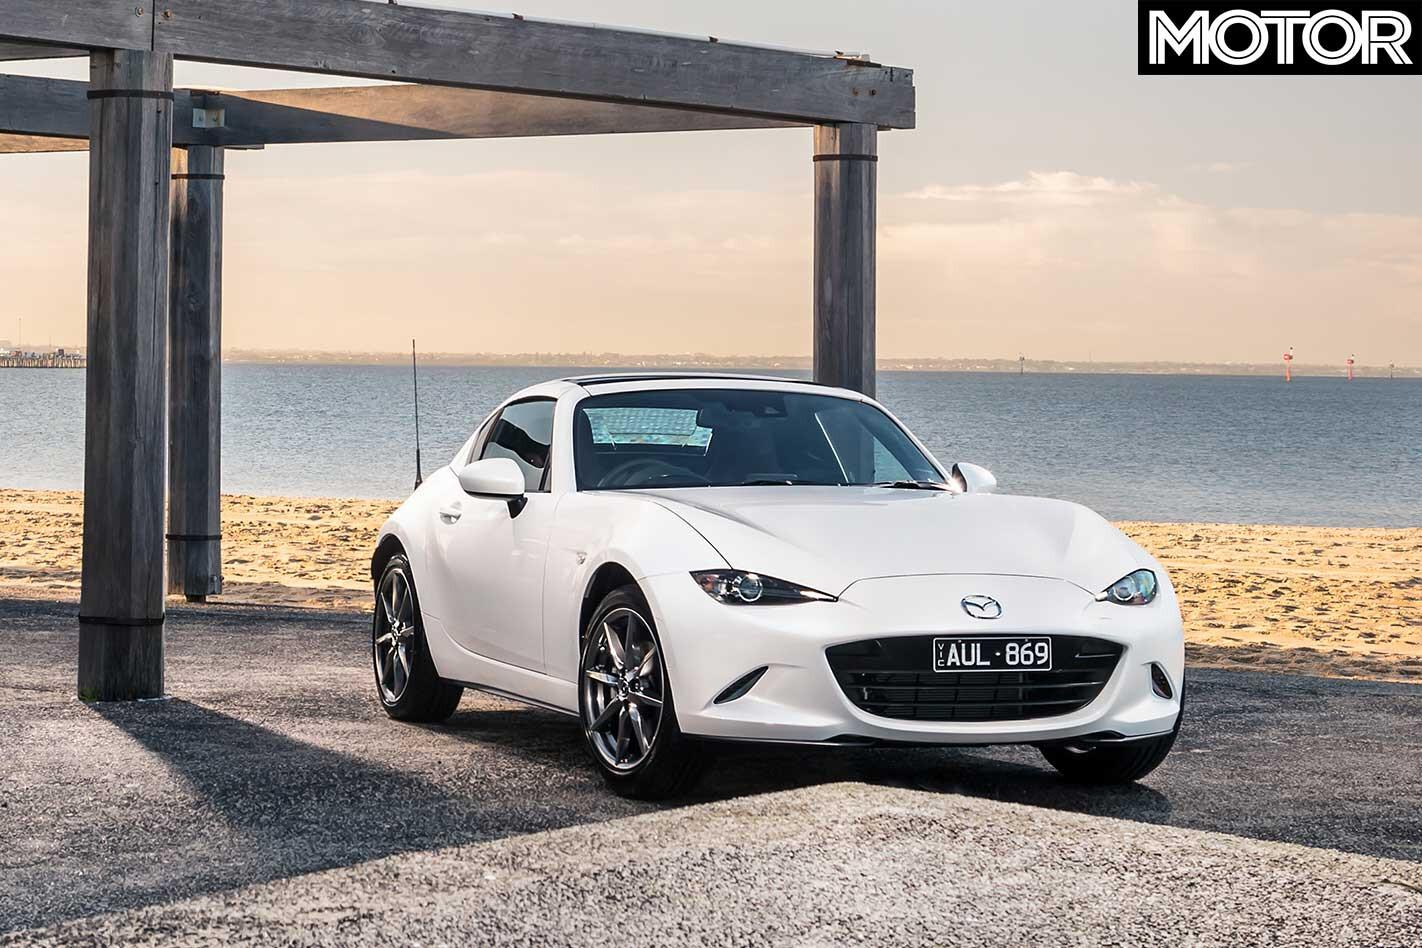 2018 Mazda MX 5 RF Front Static Jpg